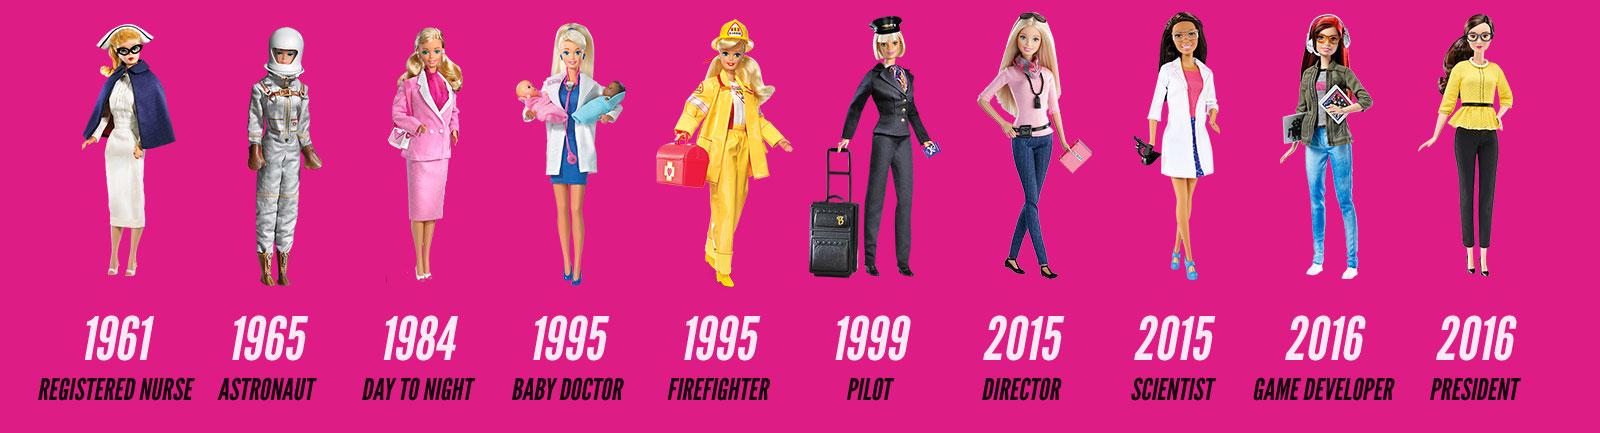 http://lesjouetsmattel.fr/media/uploads/2017/11/23/barbie-careers.jpg